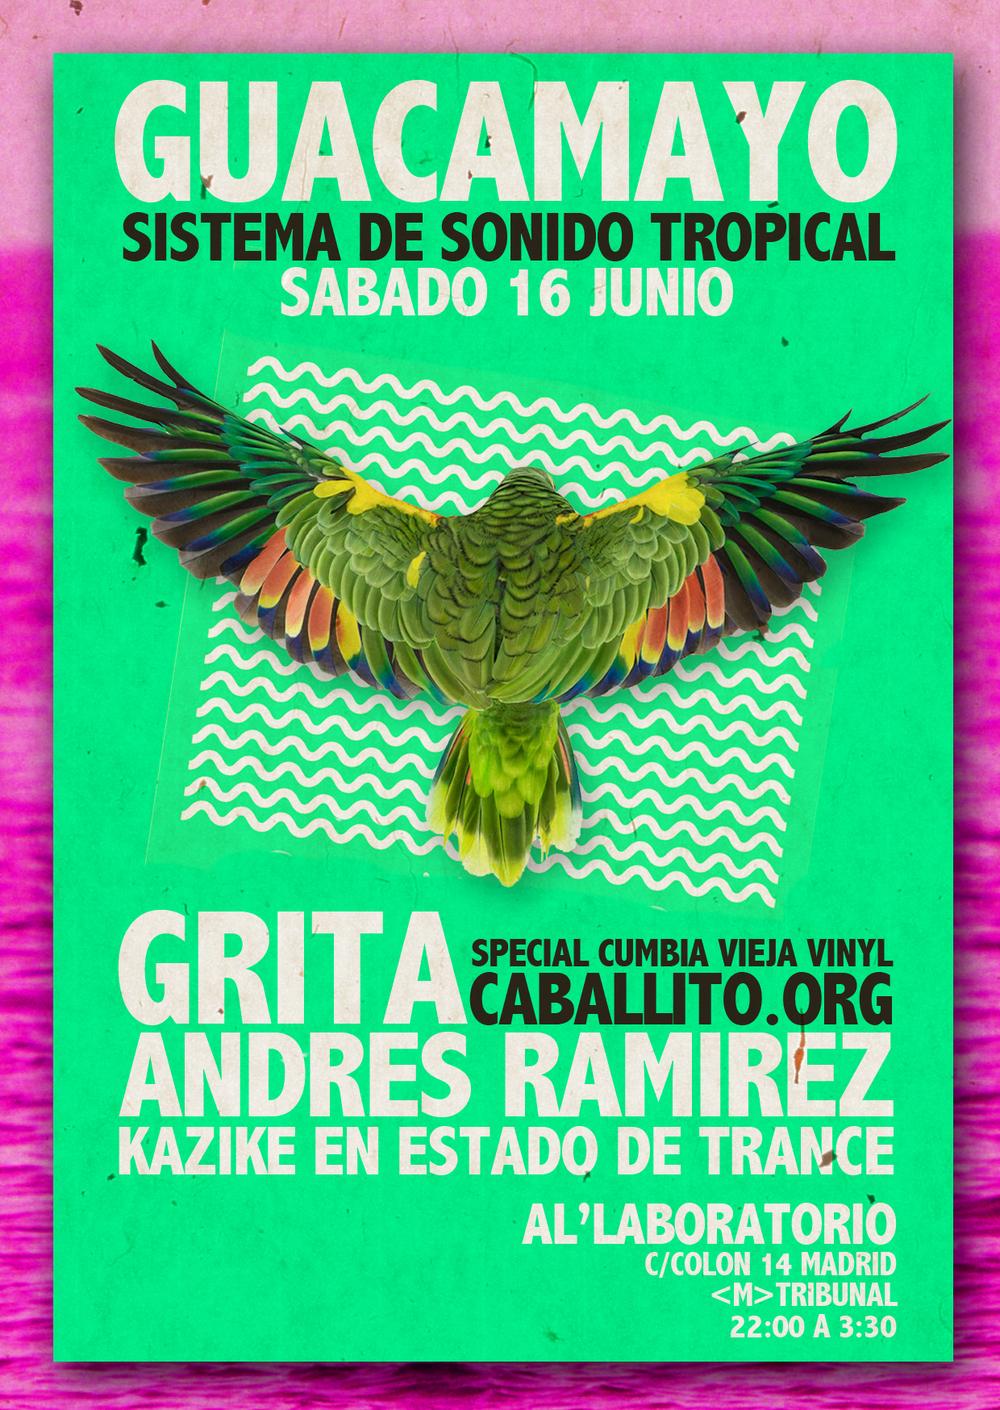 guacamayo.jpg